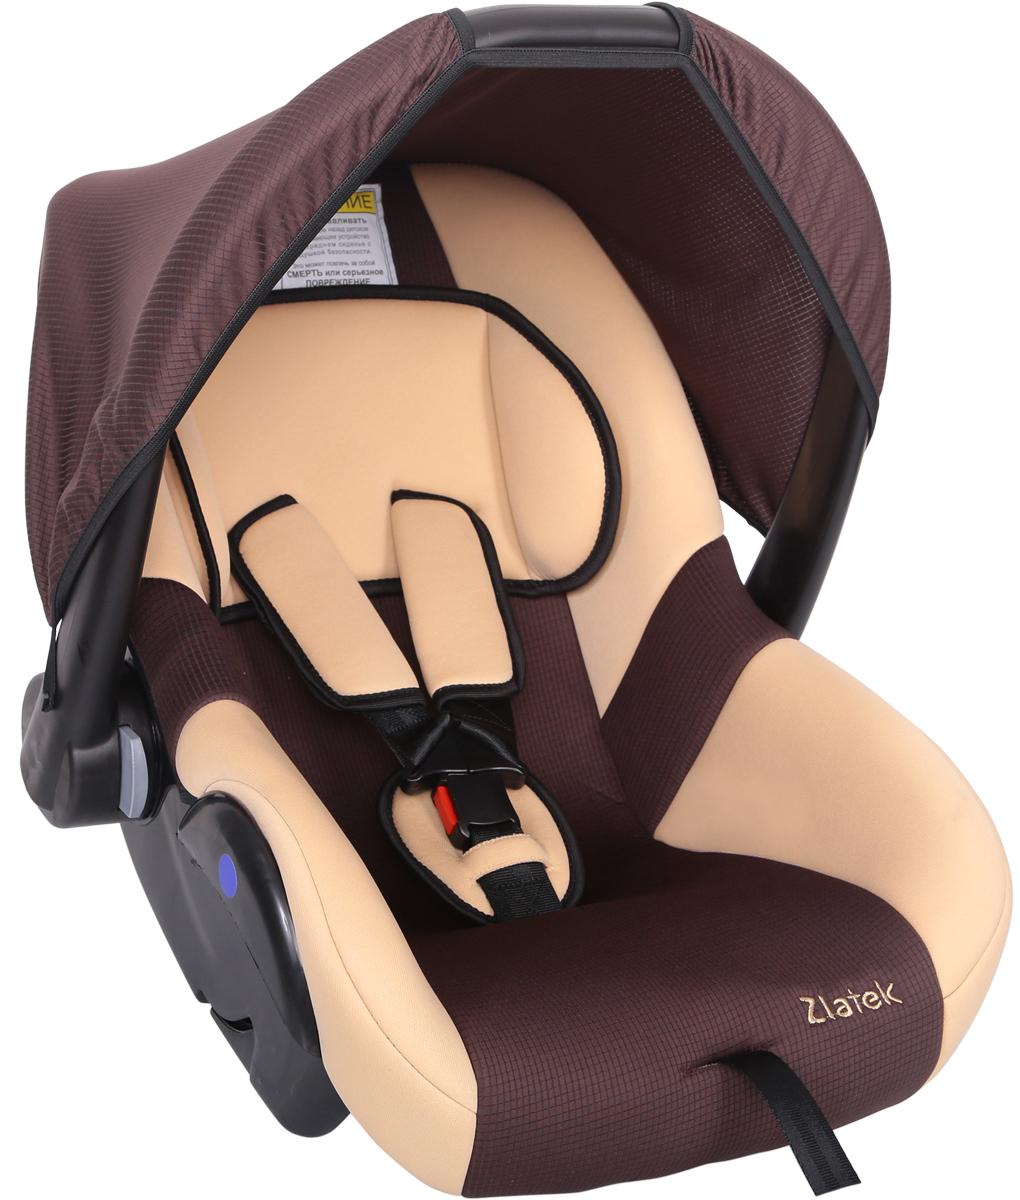 Zlatek Автокресло Colibri цвет коричневыйКРЕС0181Детское автомобильное кресло Zlatek «Colibri», для детей от рождения до полутора лет, весом до 13 кг. Относится к возрастной группе 0, 0+. Мягкий вкладыш-подголовник обеспечивает дополнительный комфорт во время поездки. Съемный капюшон защищает ребенка от солнца, а удобная ручка позволяет без лишних усилий переносить ребенка, как в обычной люльке. Ярко выраженная боковая защита позволяет повысить уровень безопасности при боковых ударах. Детские удерживающие устройства Zletek разработаны и сделаны в России с учетом анатомии детей. Двухпозиционная регулировка внутренних ремней позволяет адаптировать кресло Zlatek «Colibri» под зимнюю и летнюю одежду ребенка. Автокресло успешно прошло все необходимые краш-тесты и имеет сертификат соответствия техническому регламенту РФ и таможенному союзу. Автокресло Zlatek «Colibri» упаковано в защитную полиэтиленовую пленку.